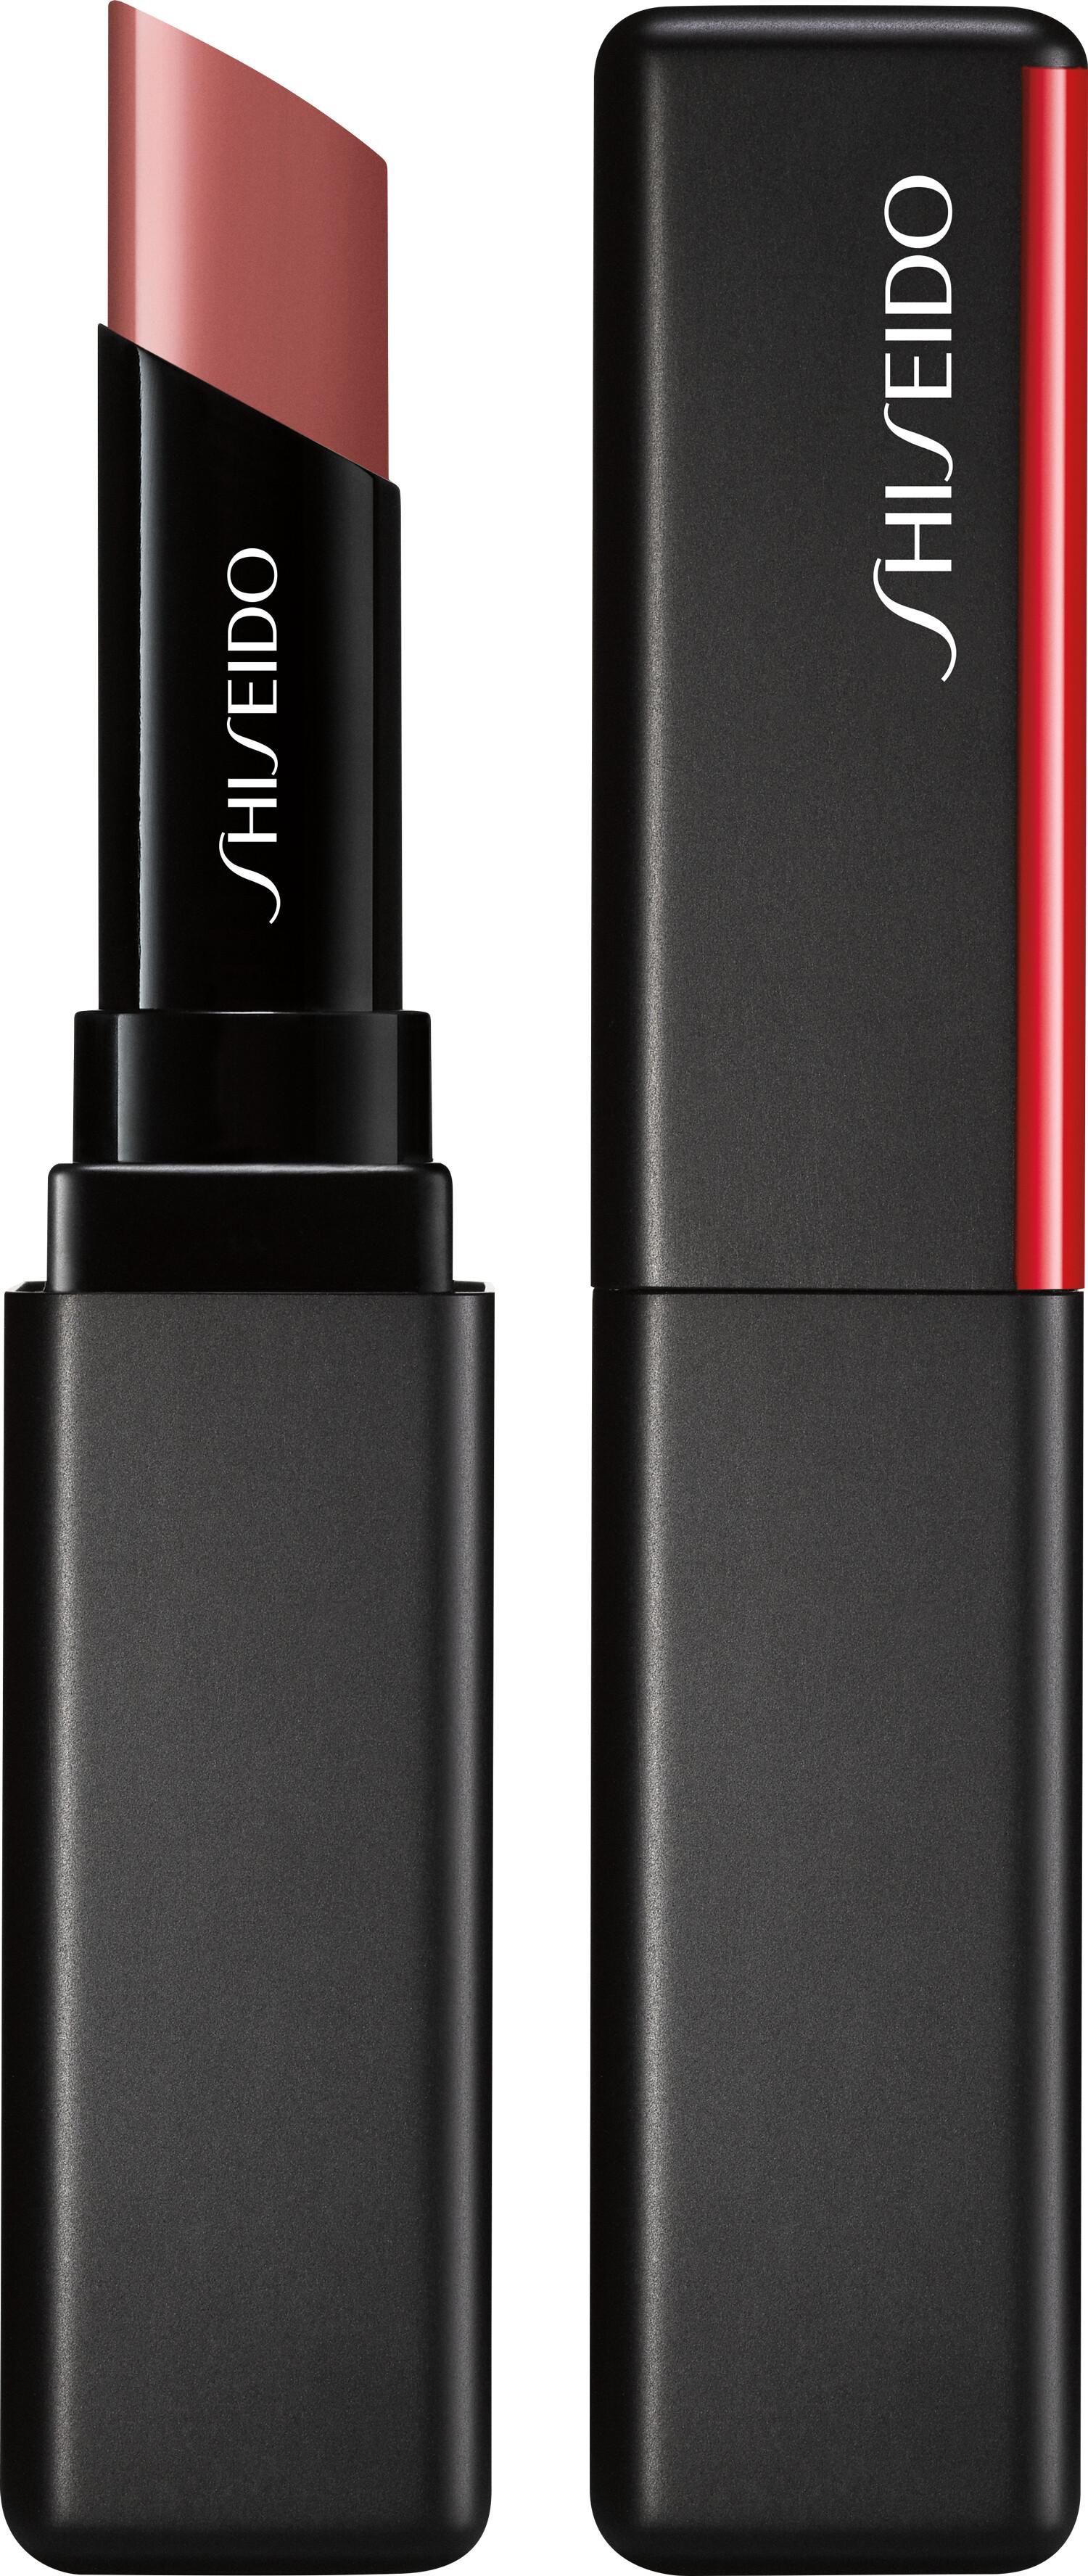 Shiseido VisionAiry Gel Lipstick 1.6g 202 - Bullet Train